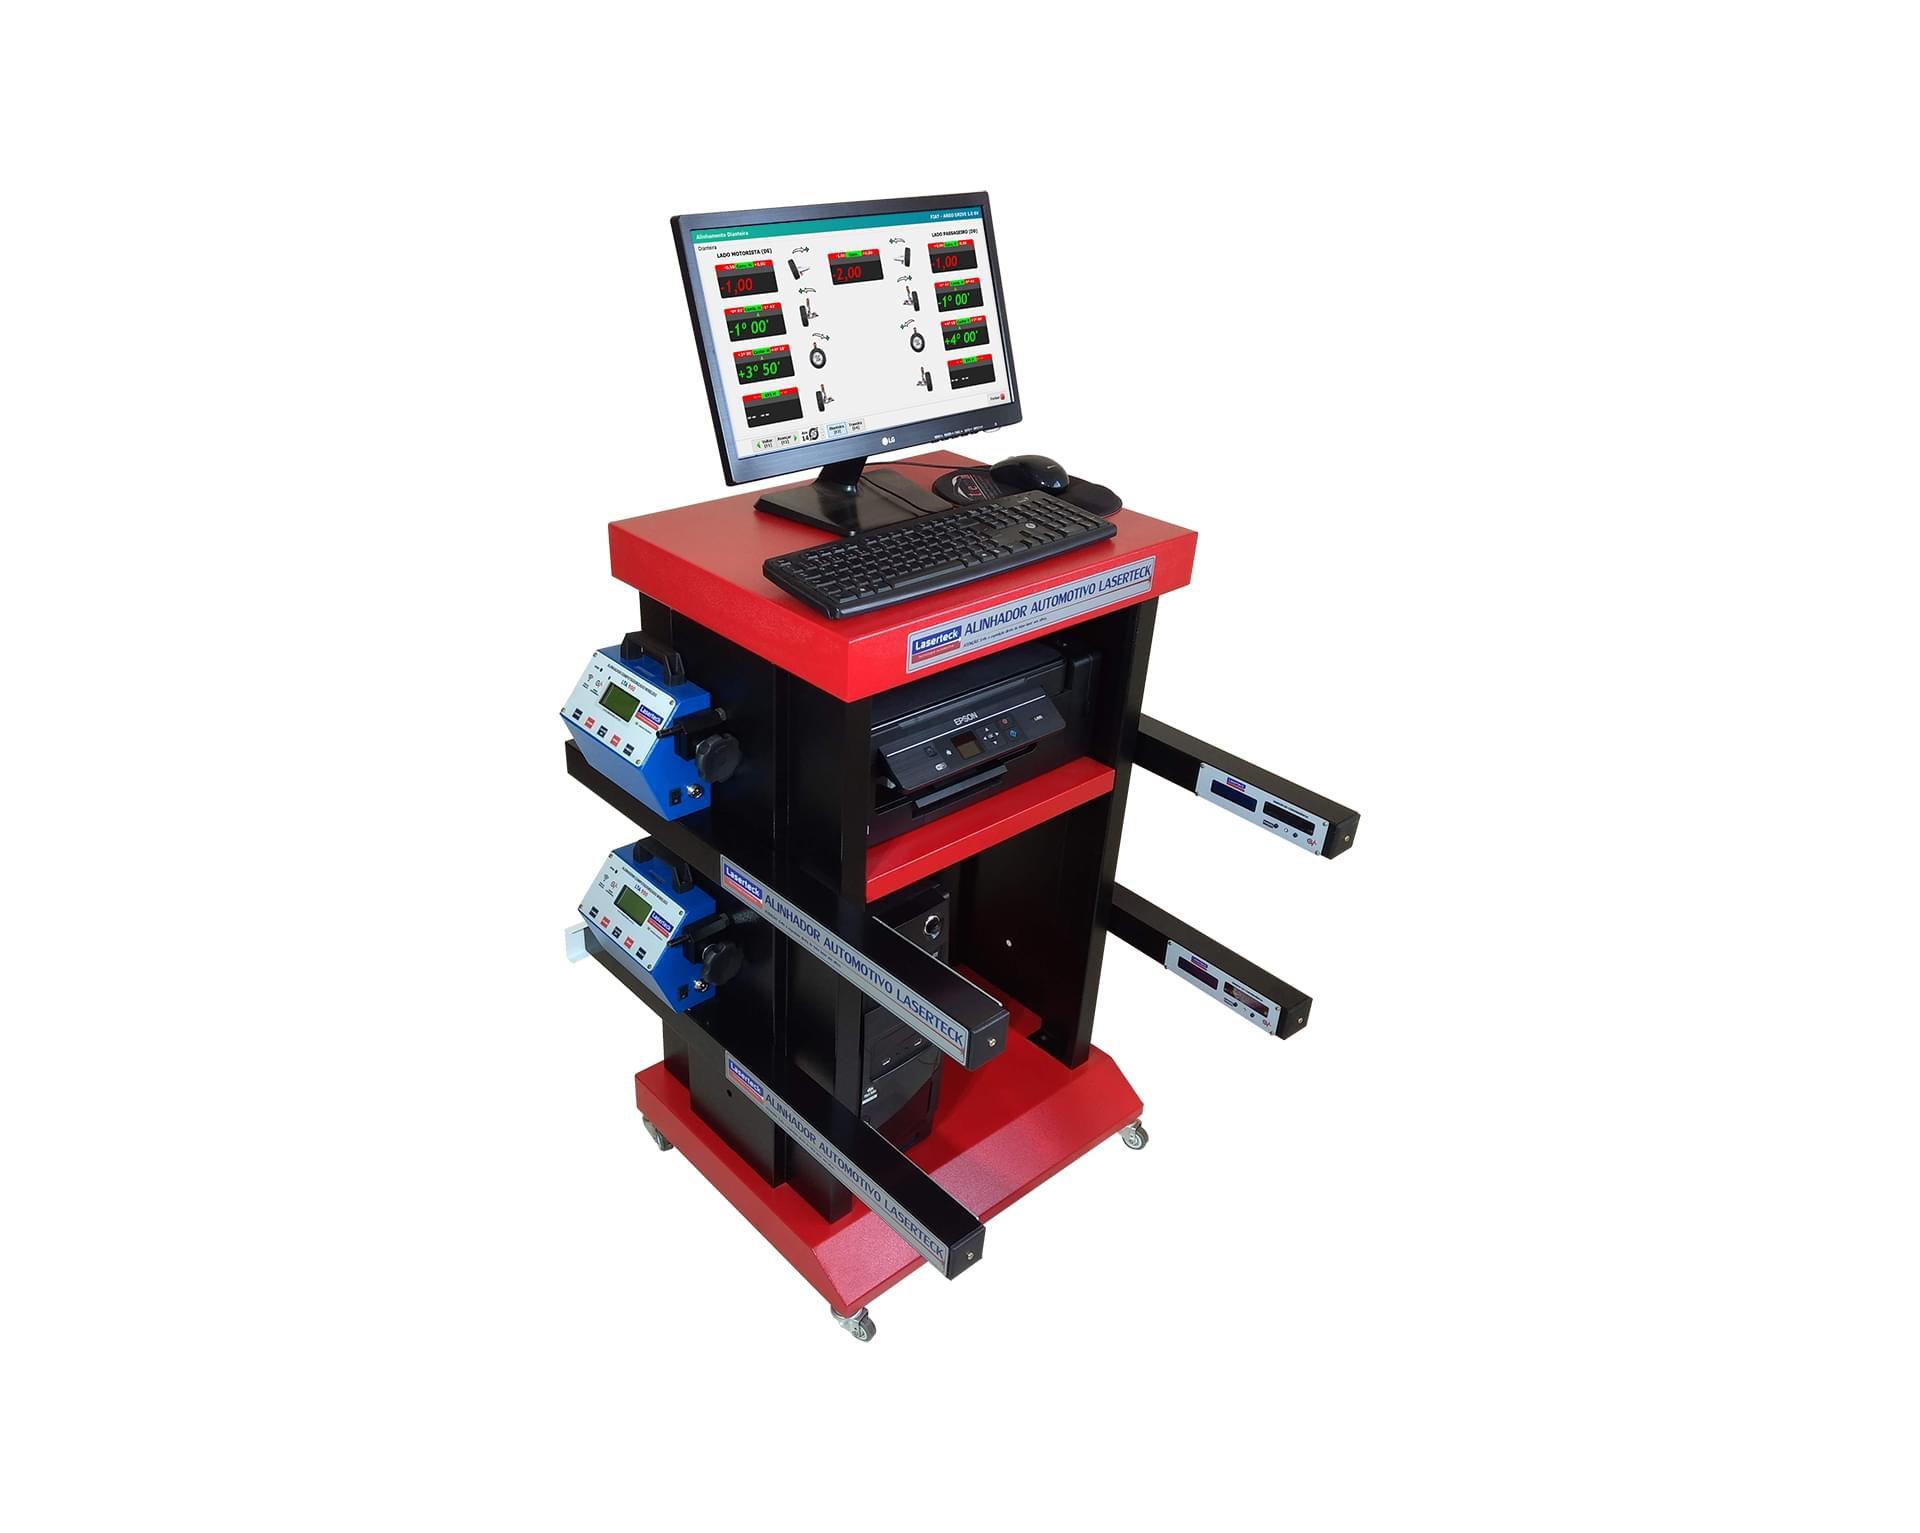 Alinhamento Digital Quatro Cabeças Laserteck (FRETE INCLUSO)